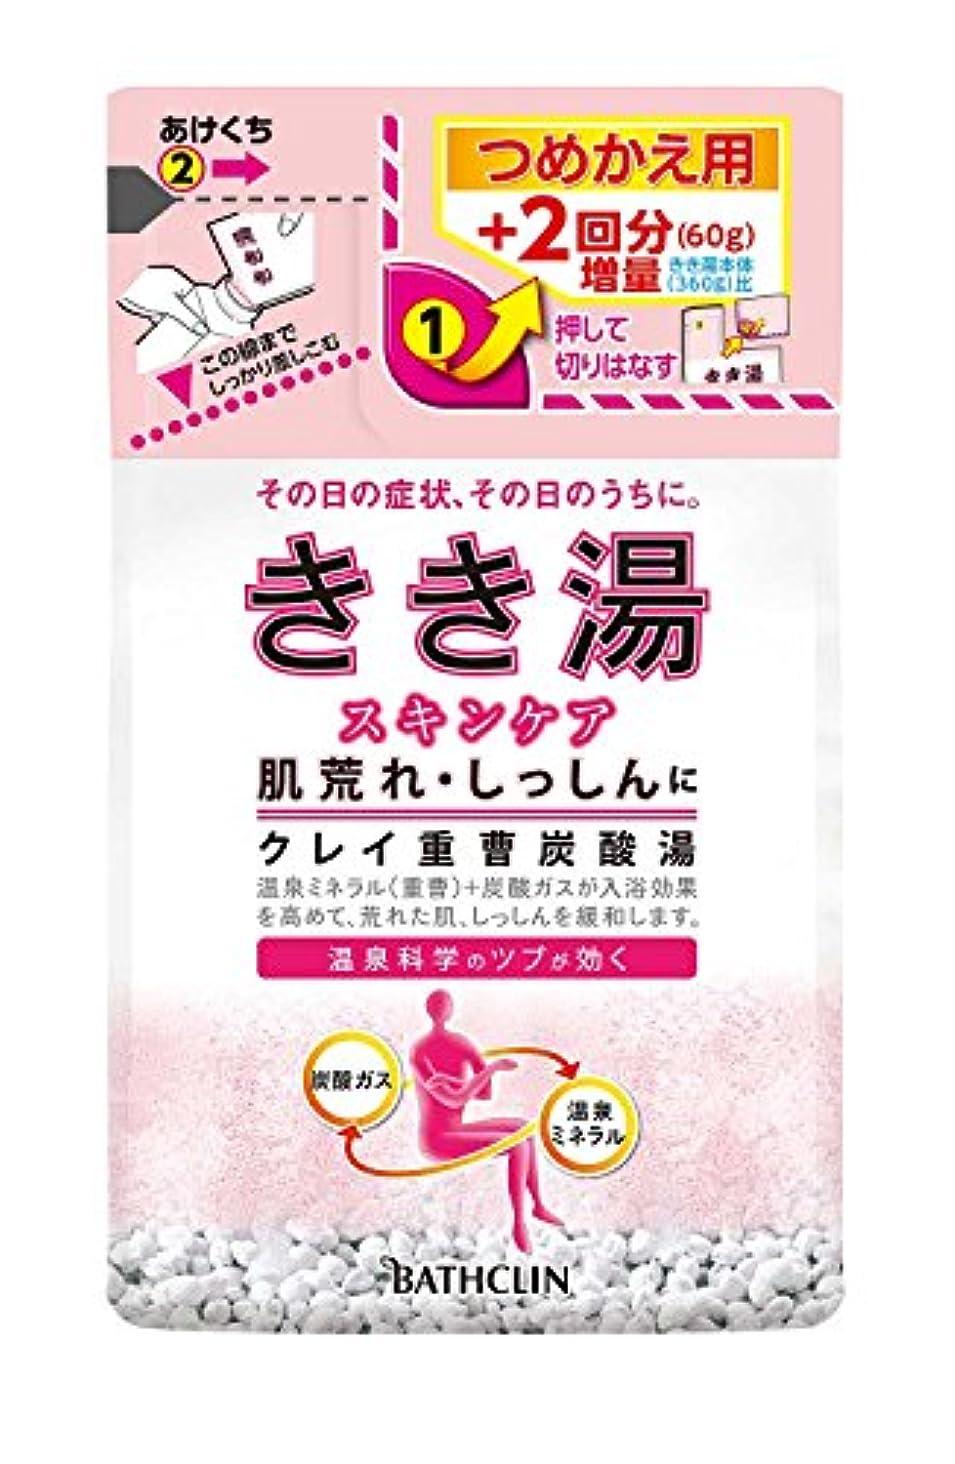 帰する偶然のほとんどの場合きき湯 クレイ重曹炭酸湯 つめかえ用 420g 入浴剤 (医薬部外品)